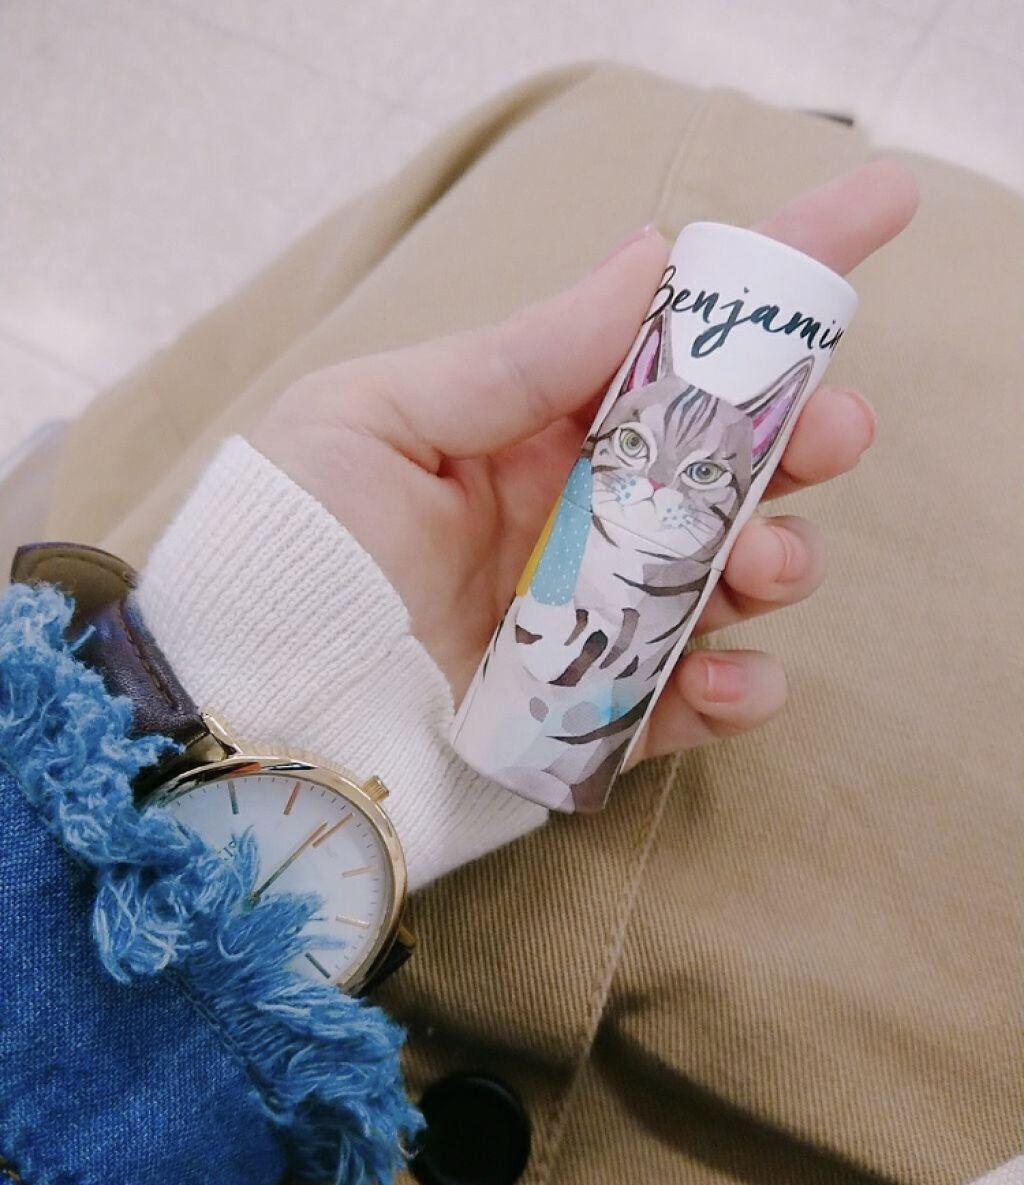 「【プレゼントあり】かわいい子=ふわっとイイ香り♡きっとモテちゃうかも!?な香水はこれ」の画像(#66997)